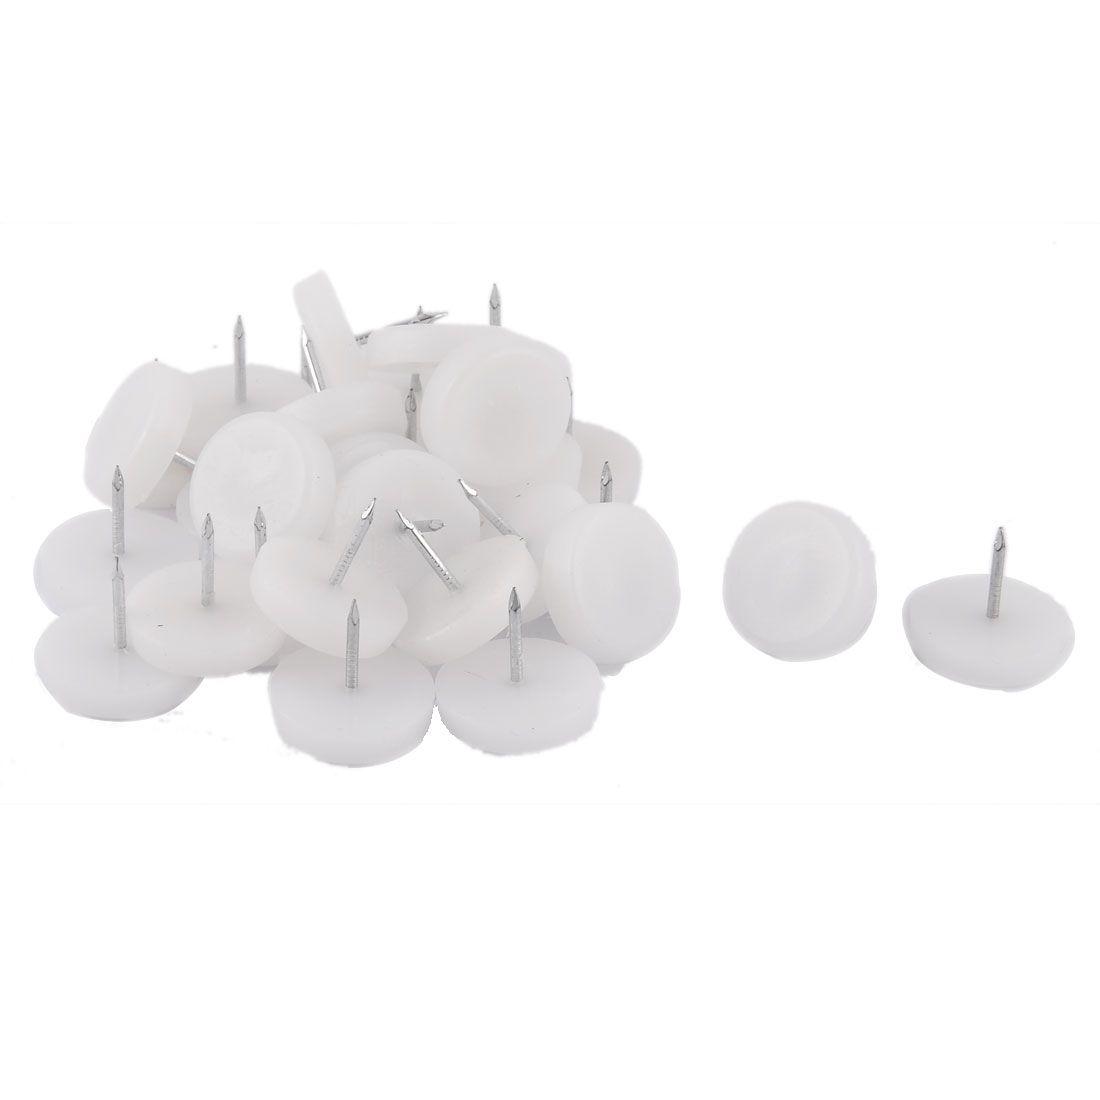 Tischfüsse 24 mm dia kopf möbel stuhl tisch füße protector gleiten nagel